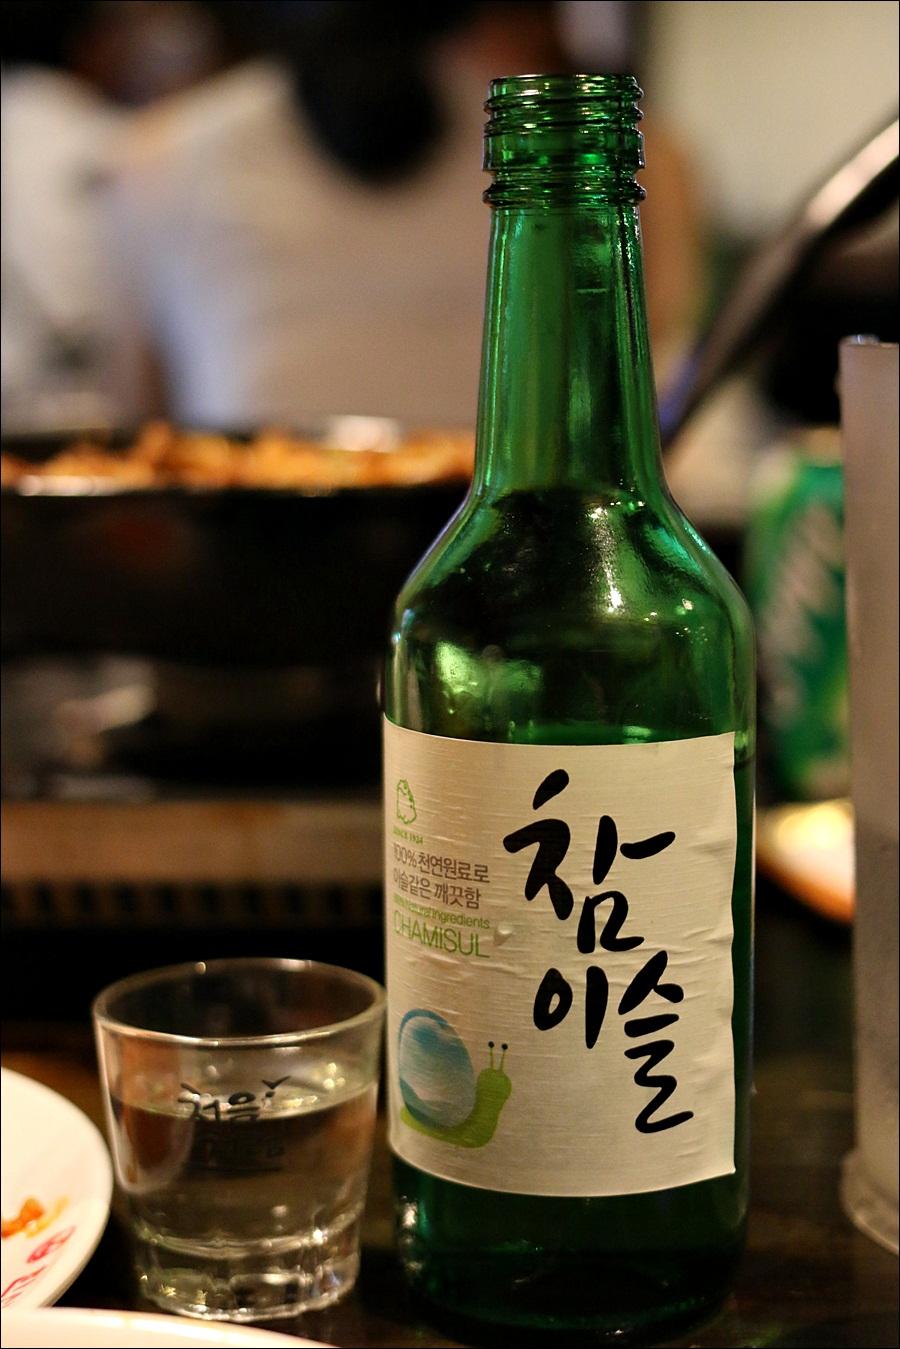 韓国の焼酎(ソジュ)特集!原料や度数は?種類は多い?チャミスルが有名!